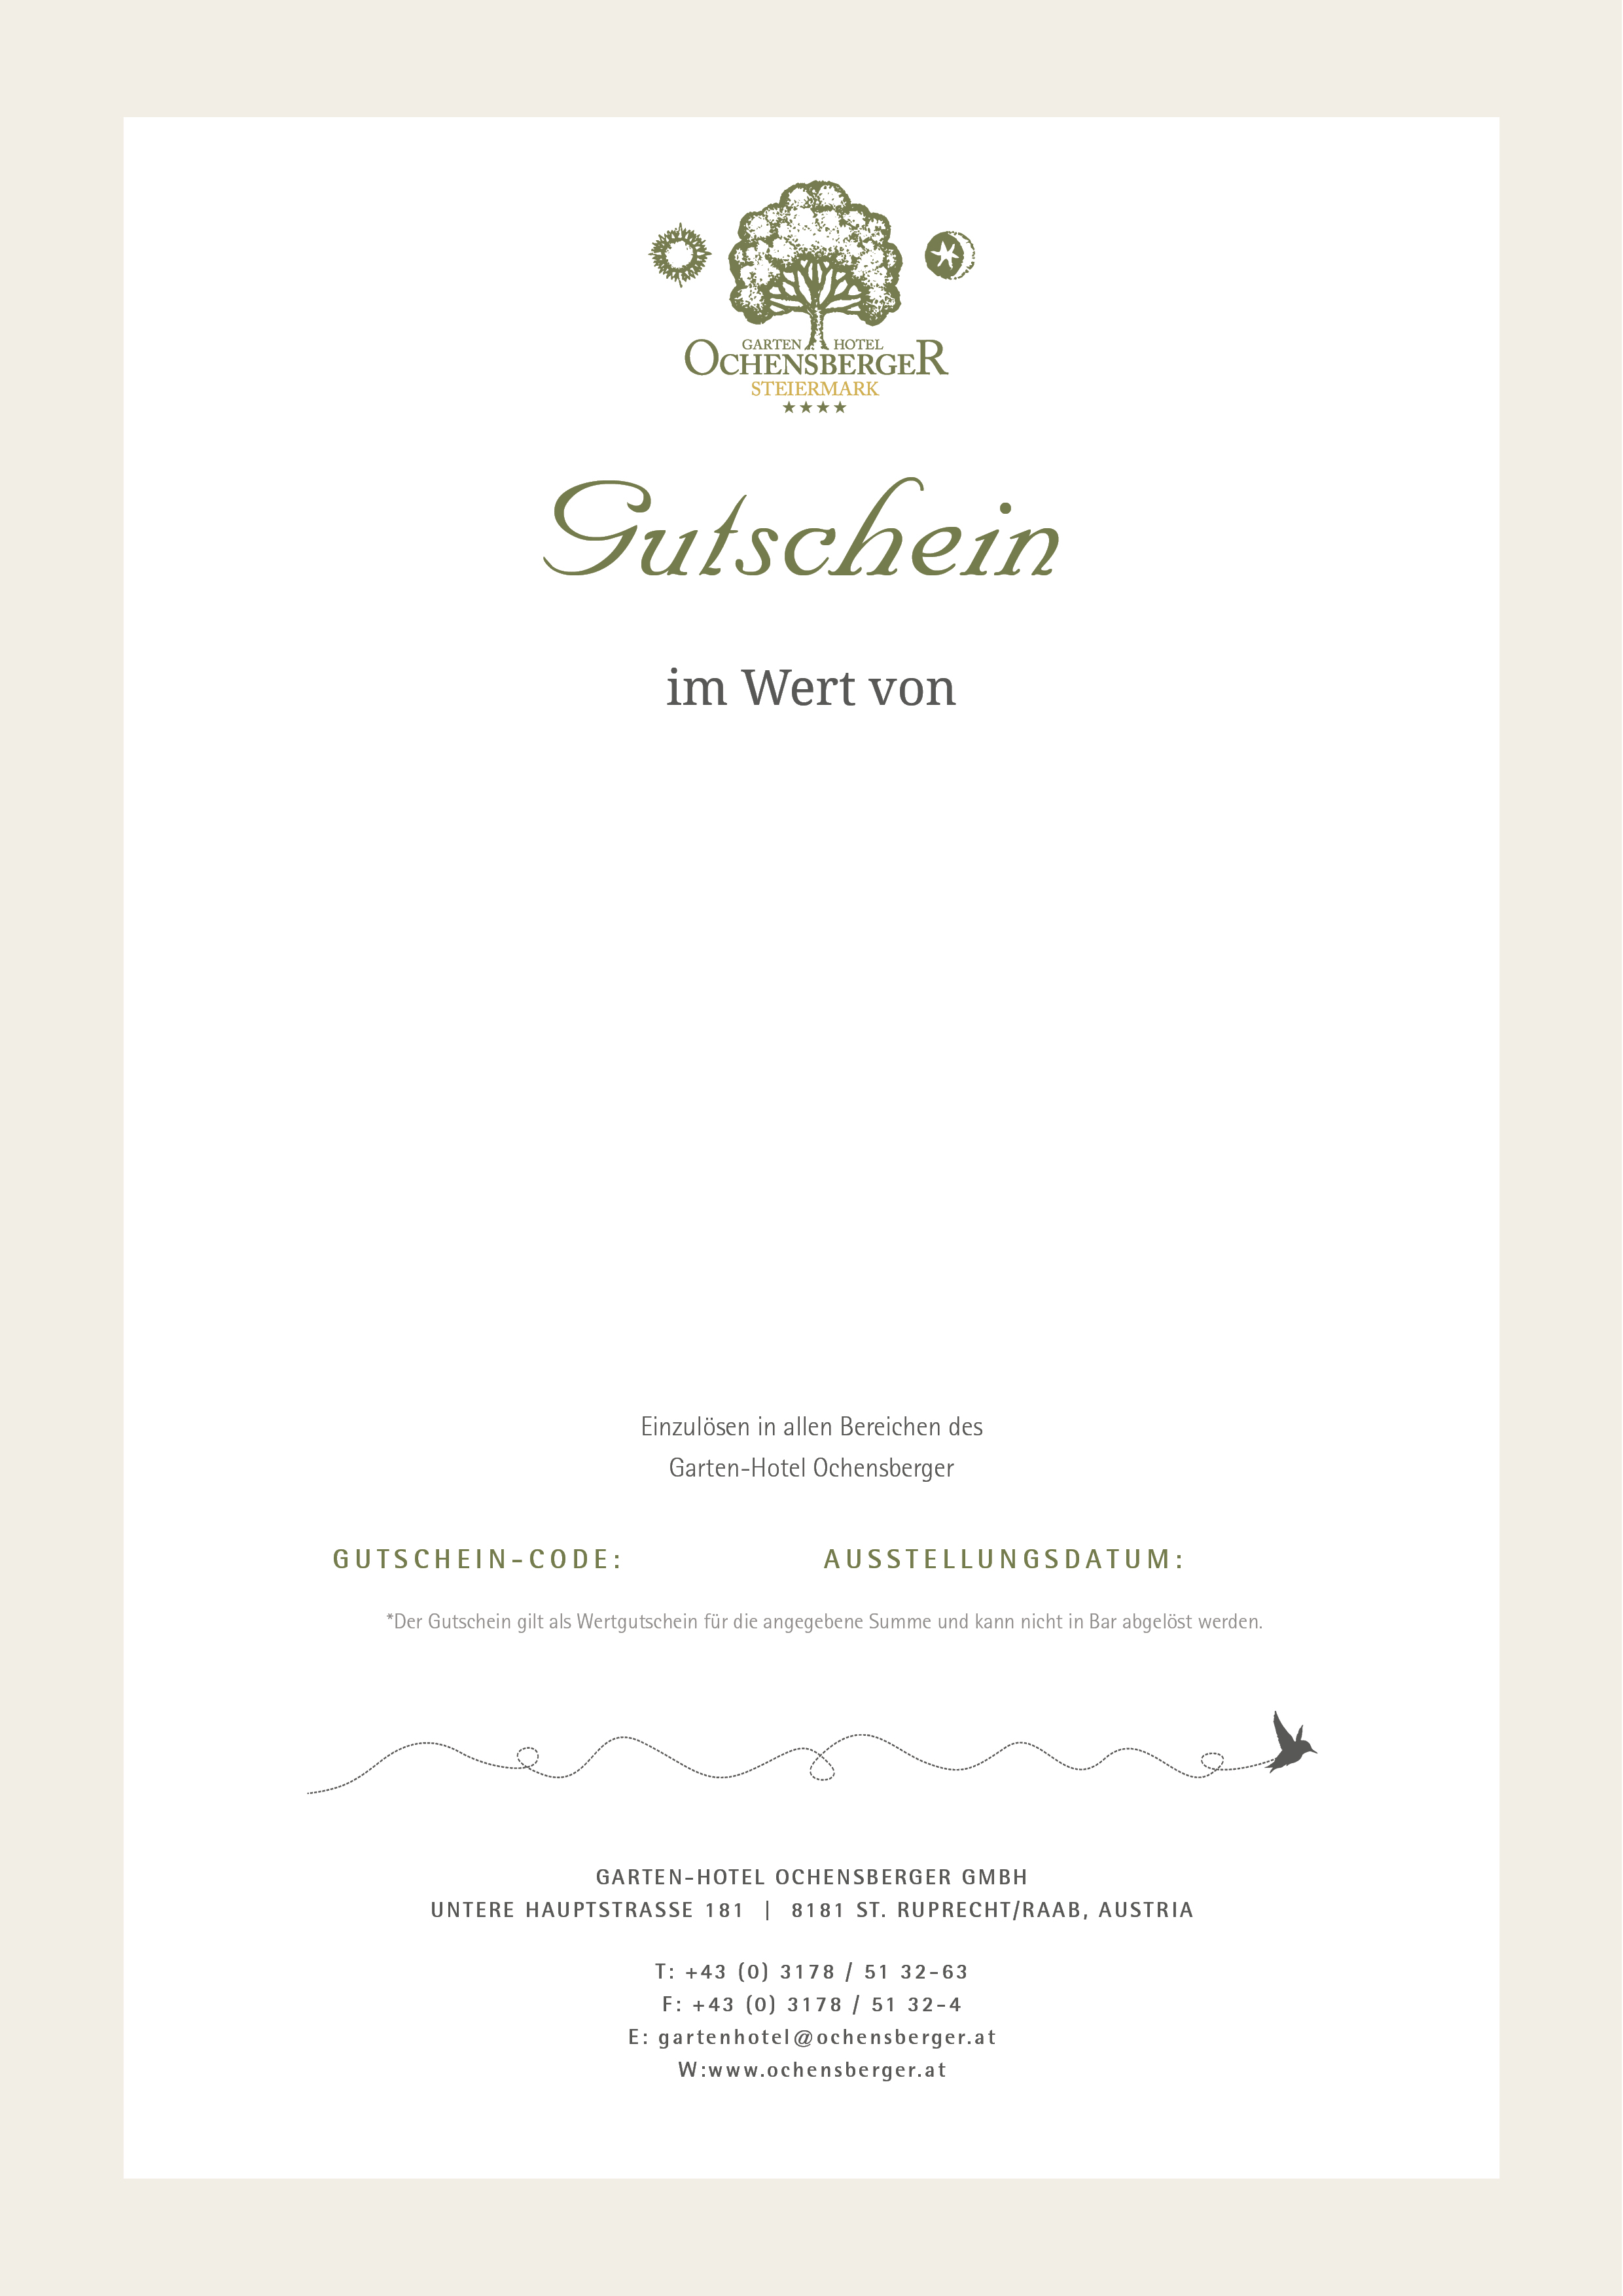 Gutschein Motiv 3